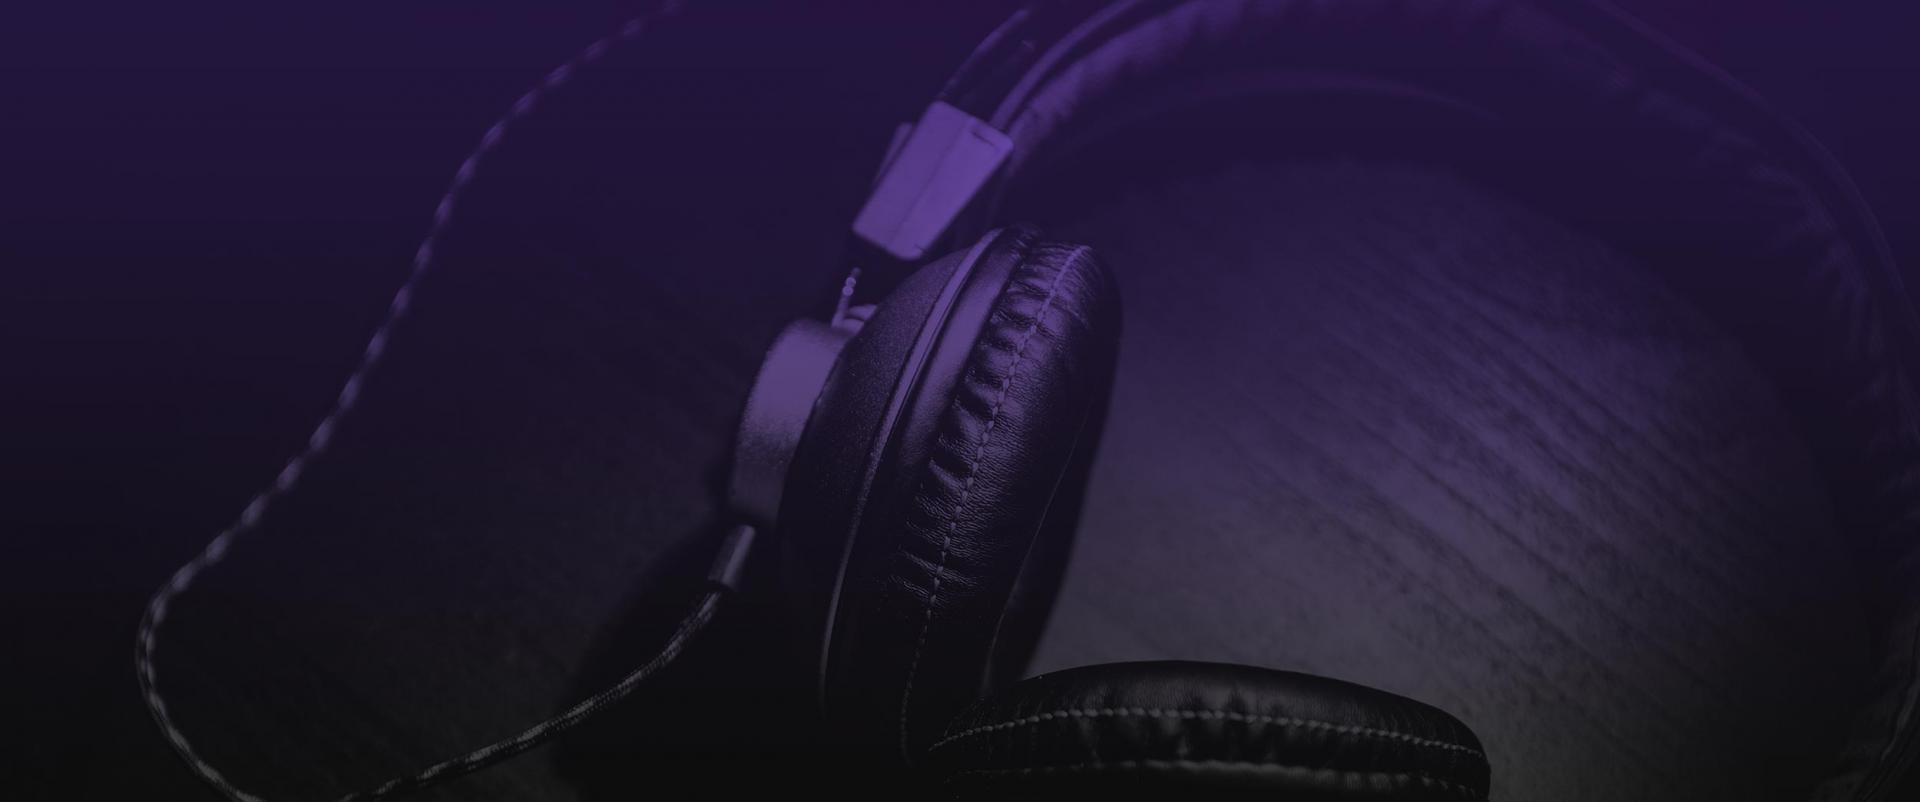 best-radio-station-theme-header-2